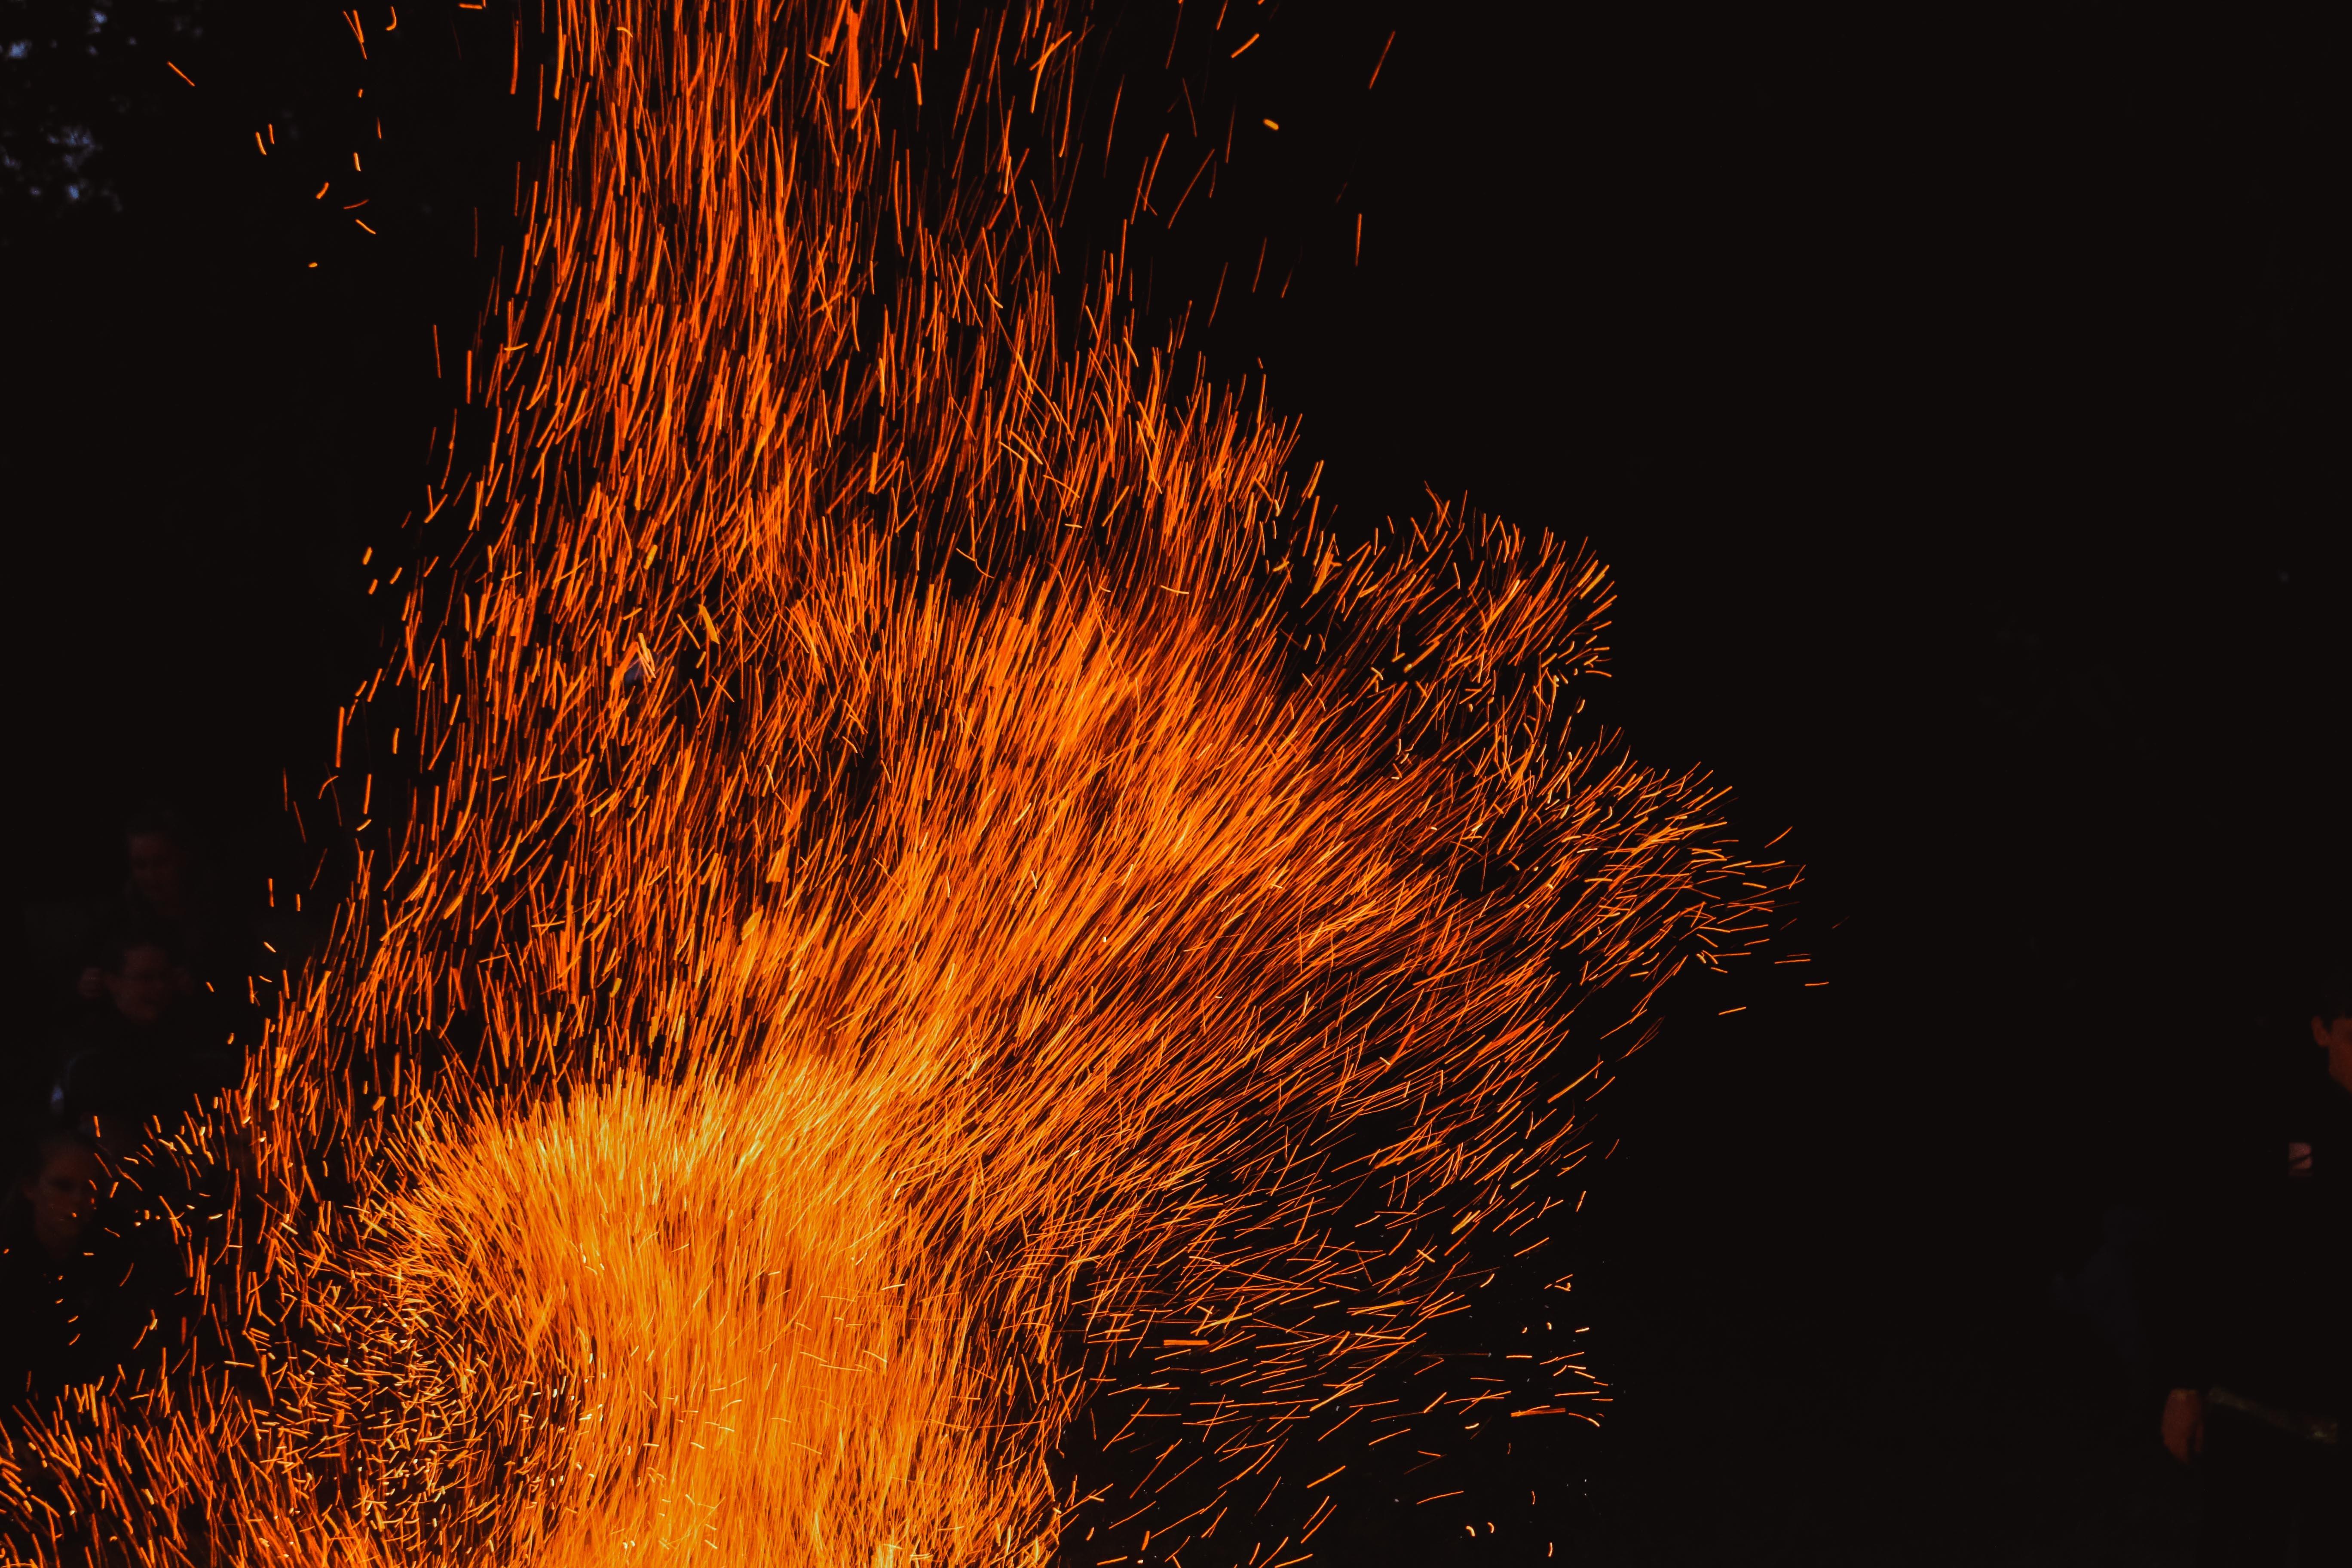 Sparks flying at night in Dunedin